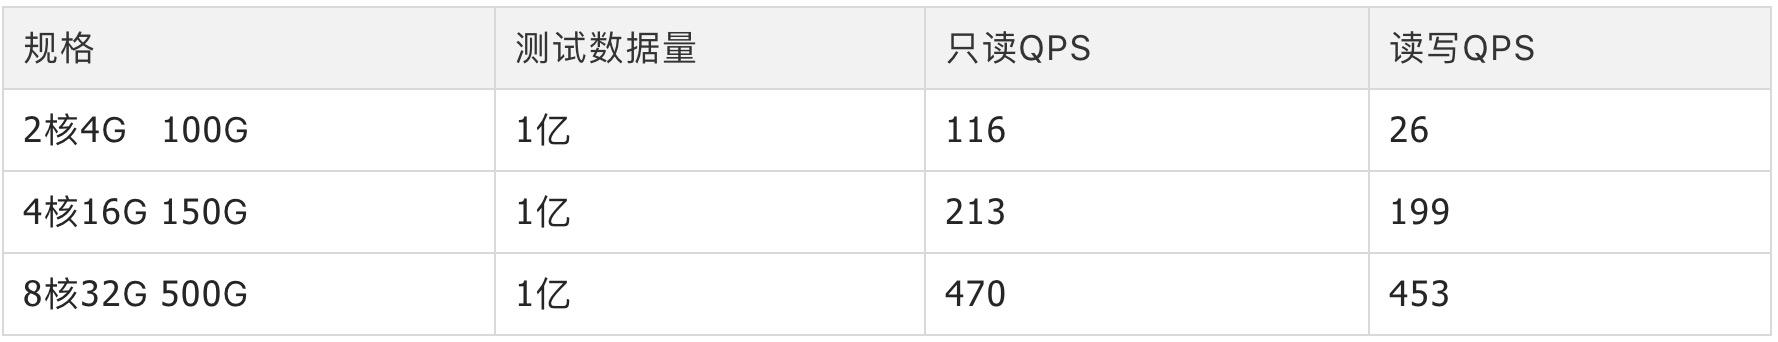 r-qps-1e-table